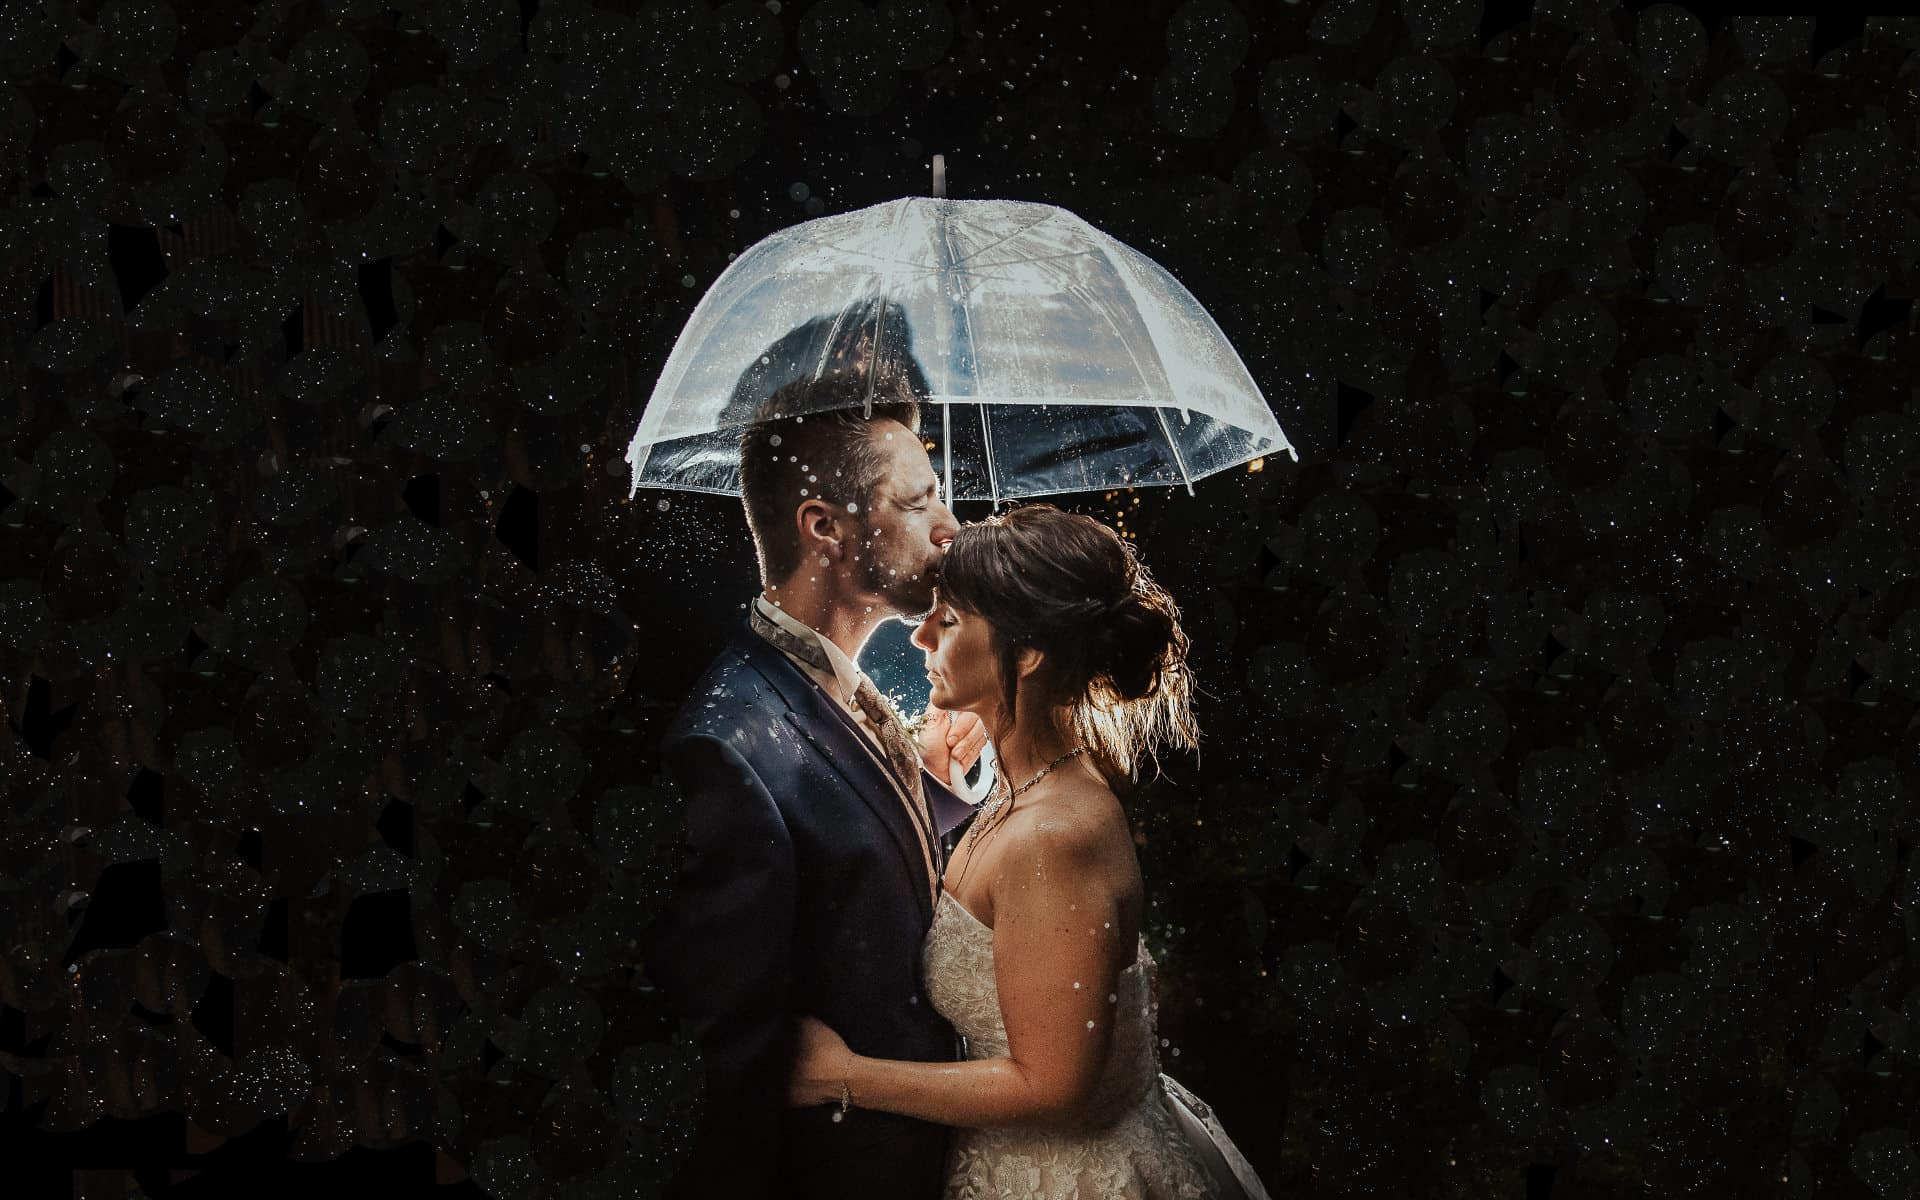 Hochzeitsfoto im Regen - Hochzeitsfotograf Kai Schwab aus Ludwigsburg